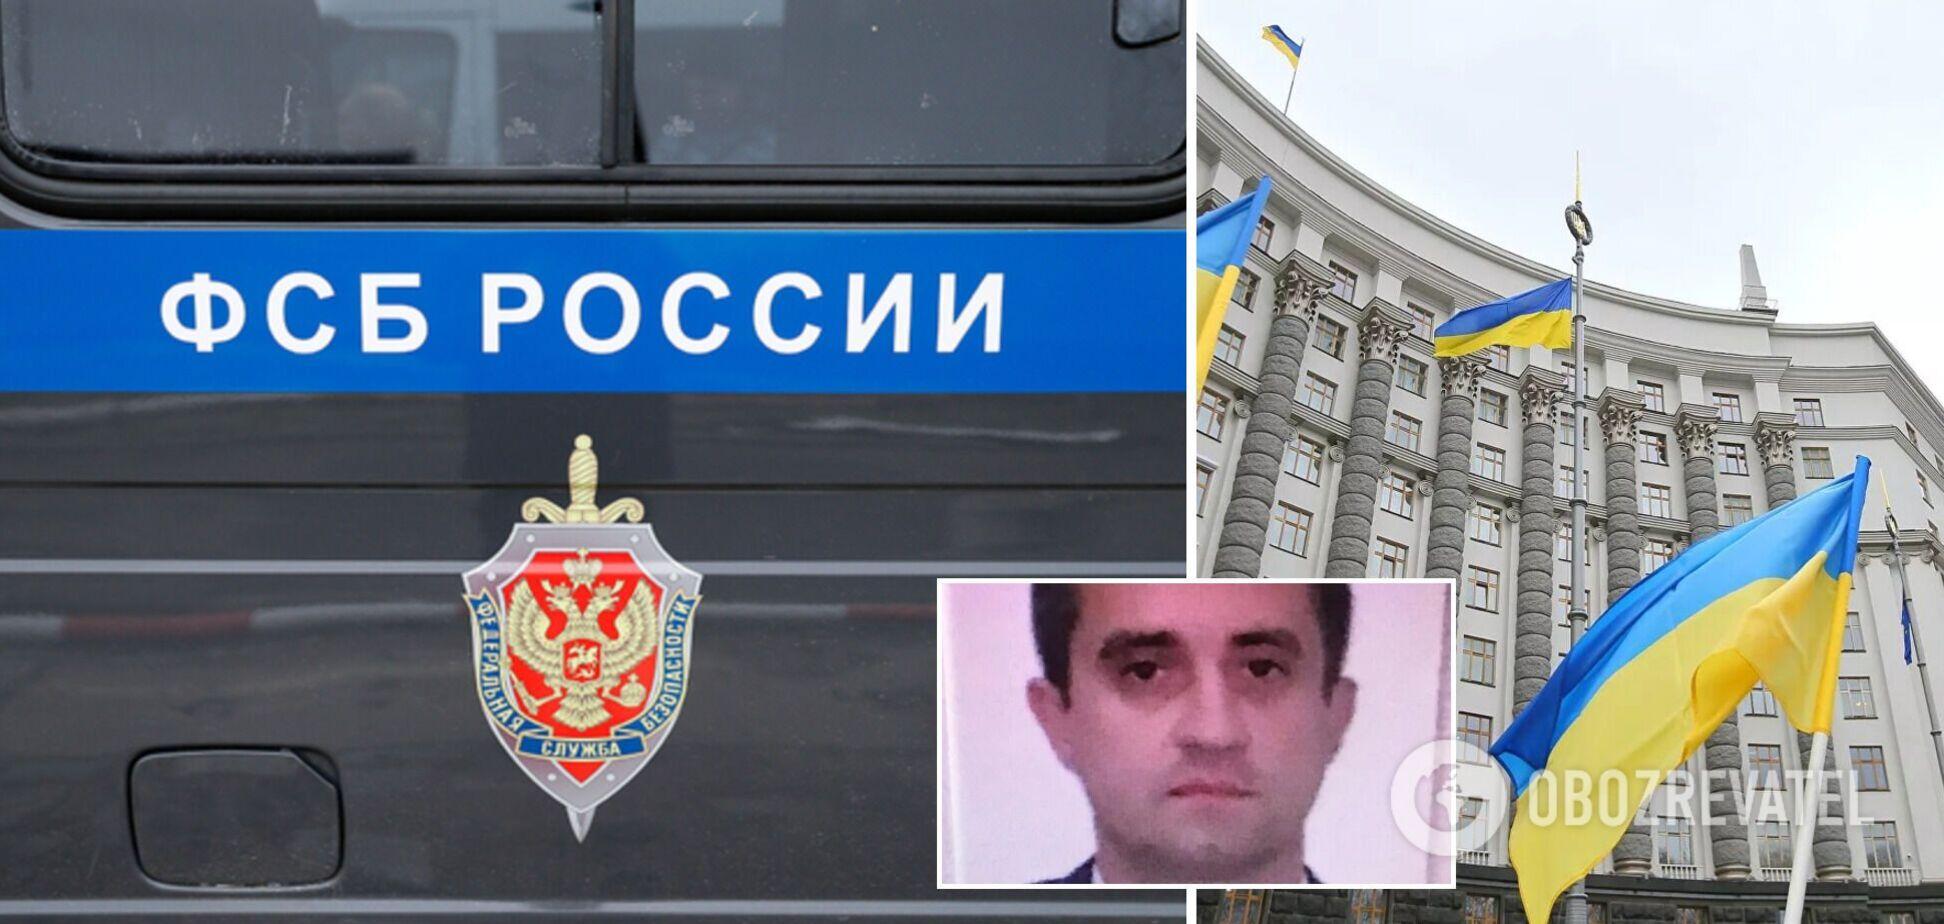 У МЗС України затримання консула в Росії назвали провокацією: готується симетрична відповідь